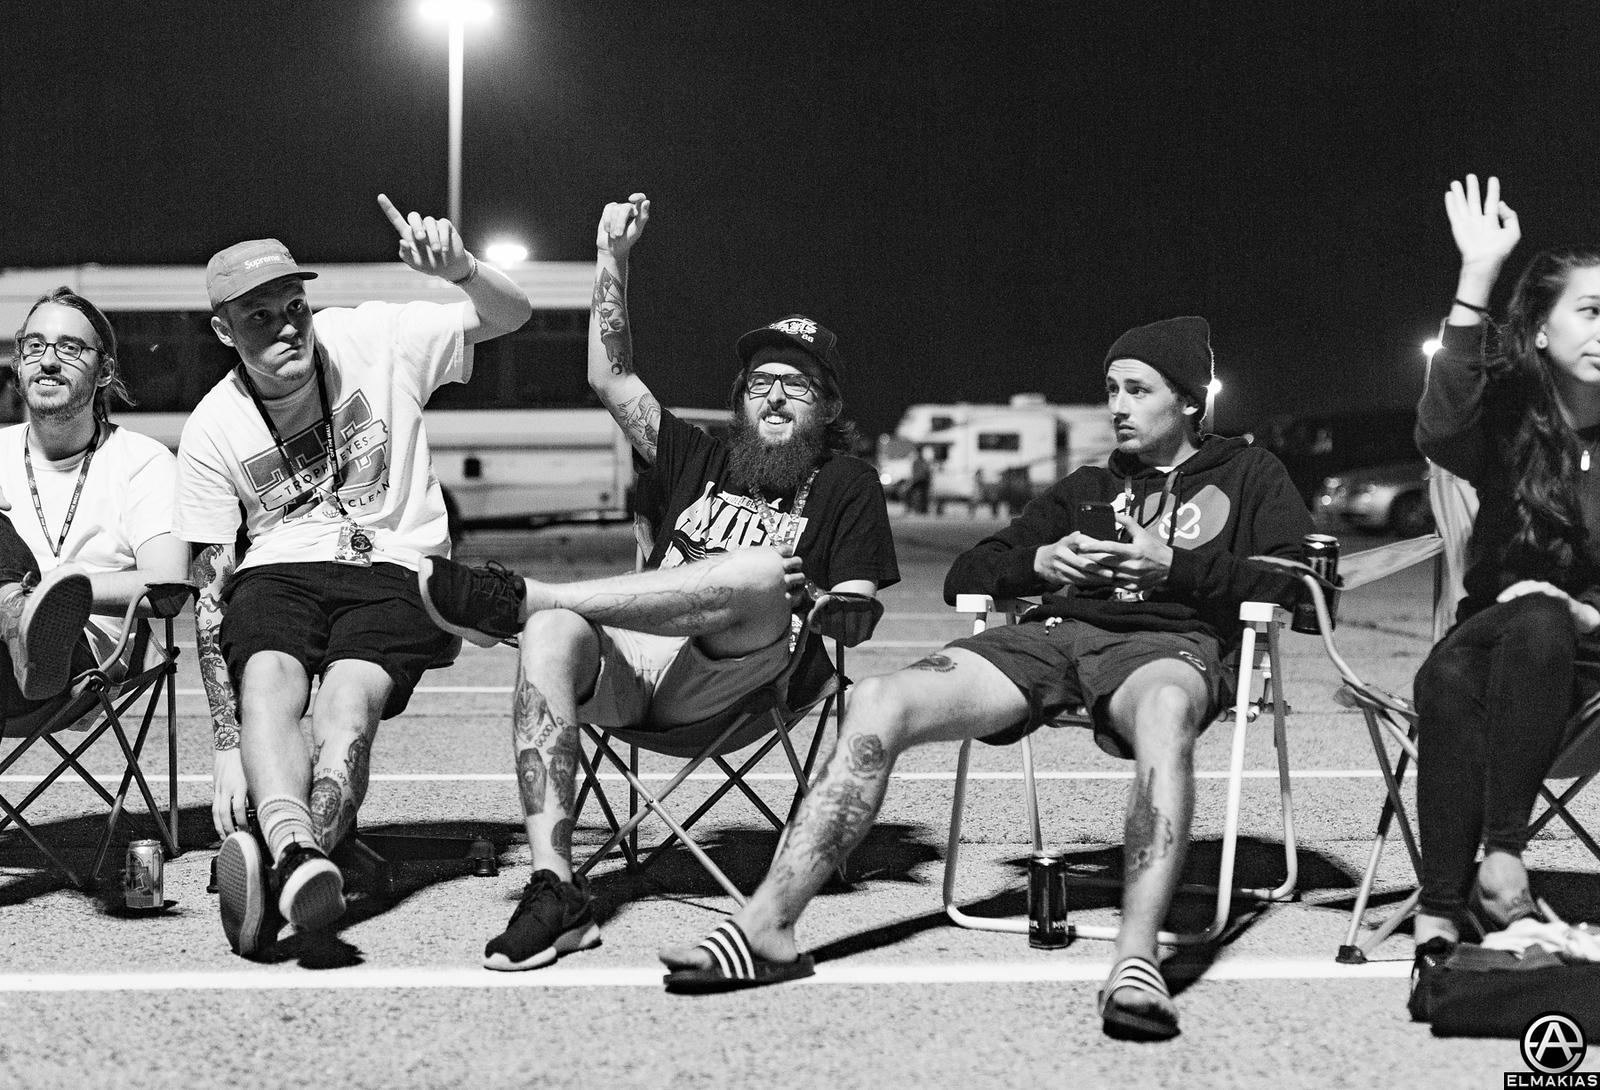 Neck Deep hangs at Vans Warped Tour 2015 by Adam Elmakias